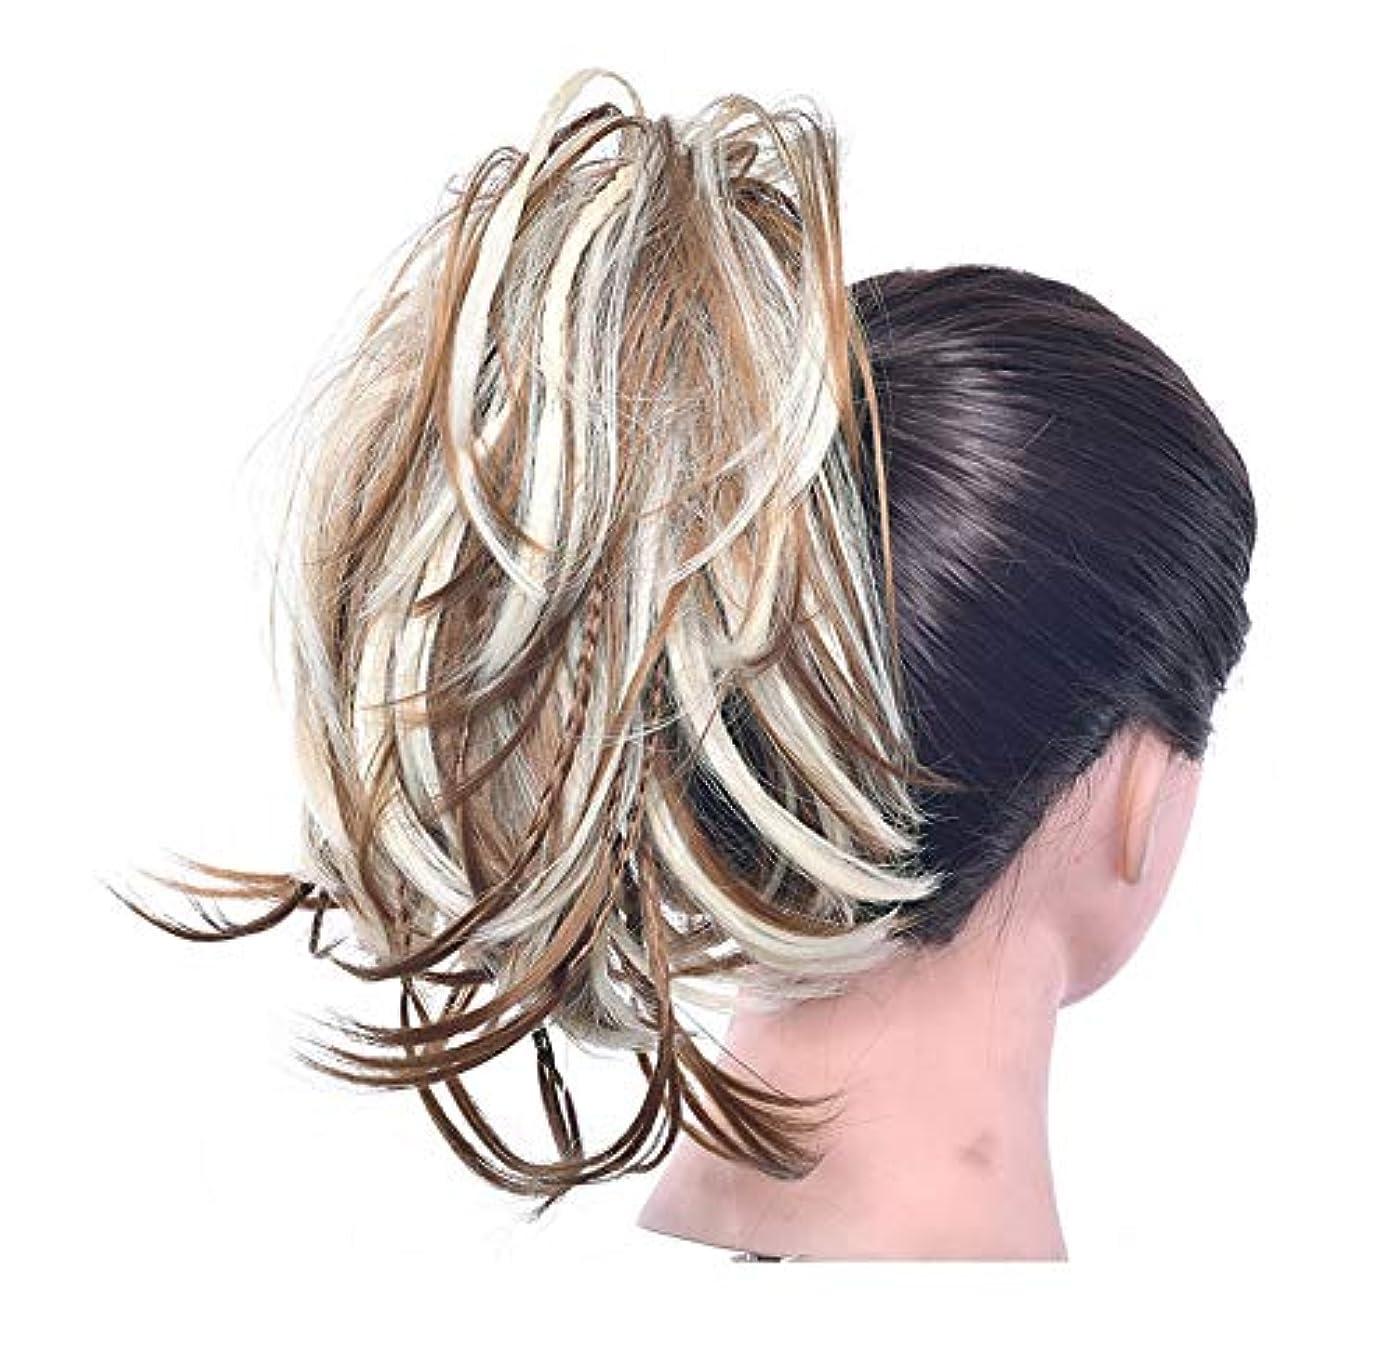 コストいらいらさせる放棄するポニーテールシニョンドーナツアップリボンアクセサリー、女性のためのカーリー波状の作品、乱雑な髪のお団子のシュシュ拡張